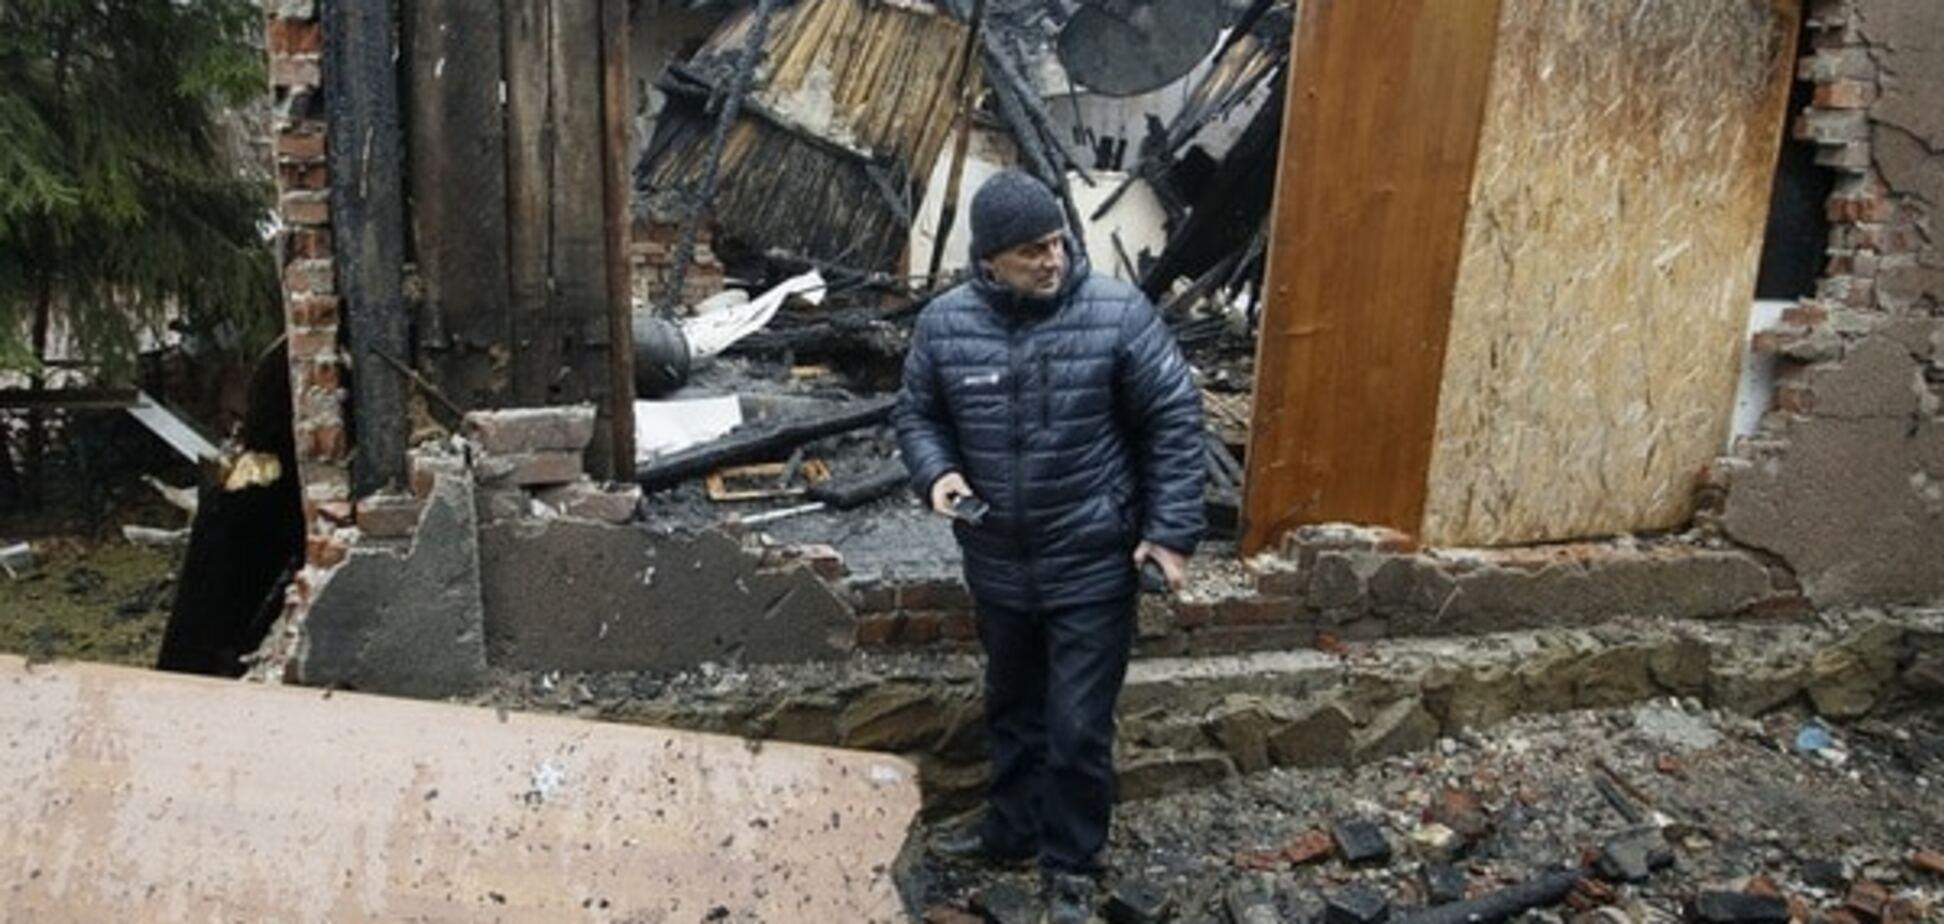 Белковский озвучил сроки возвращения Донбасса под контроль Украины